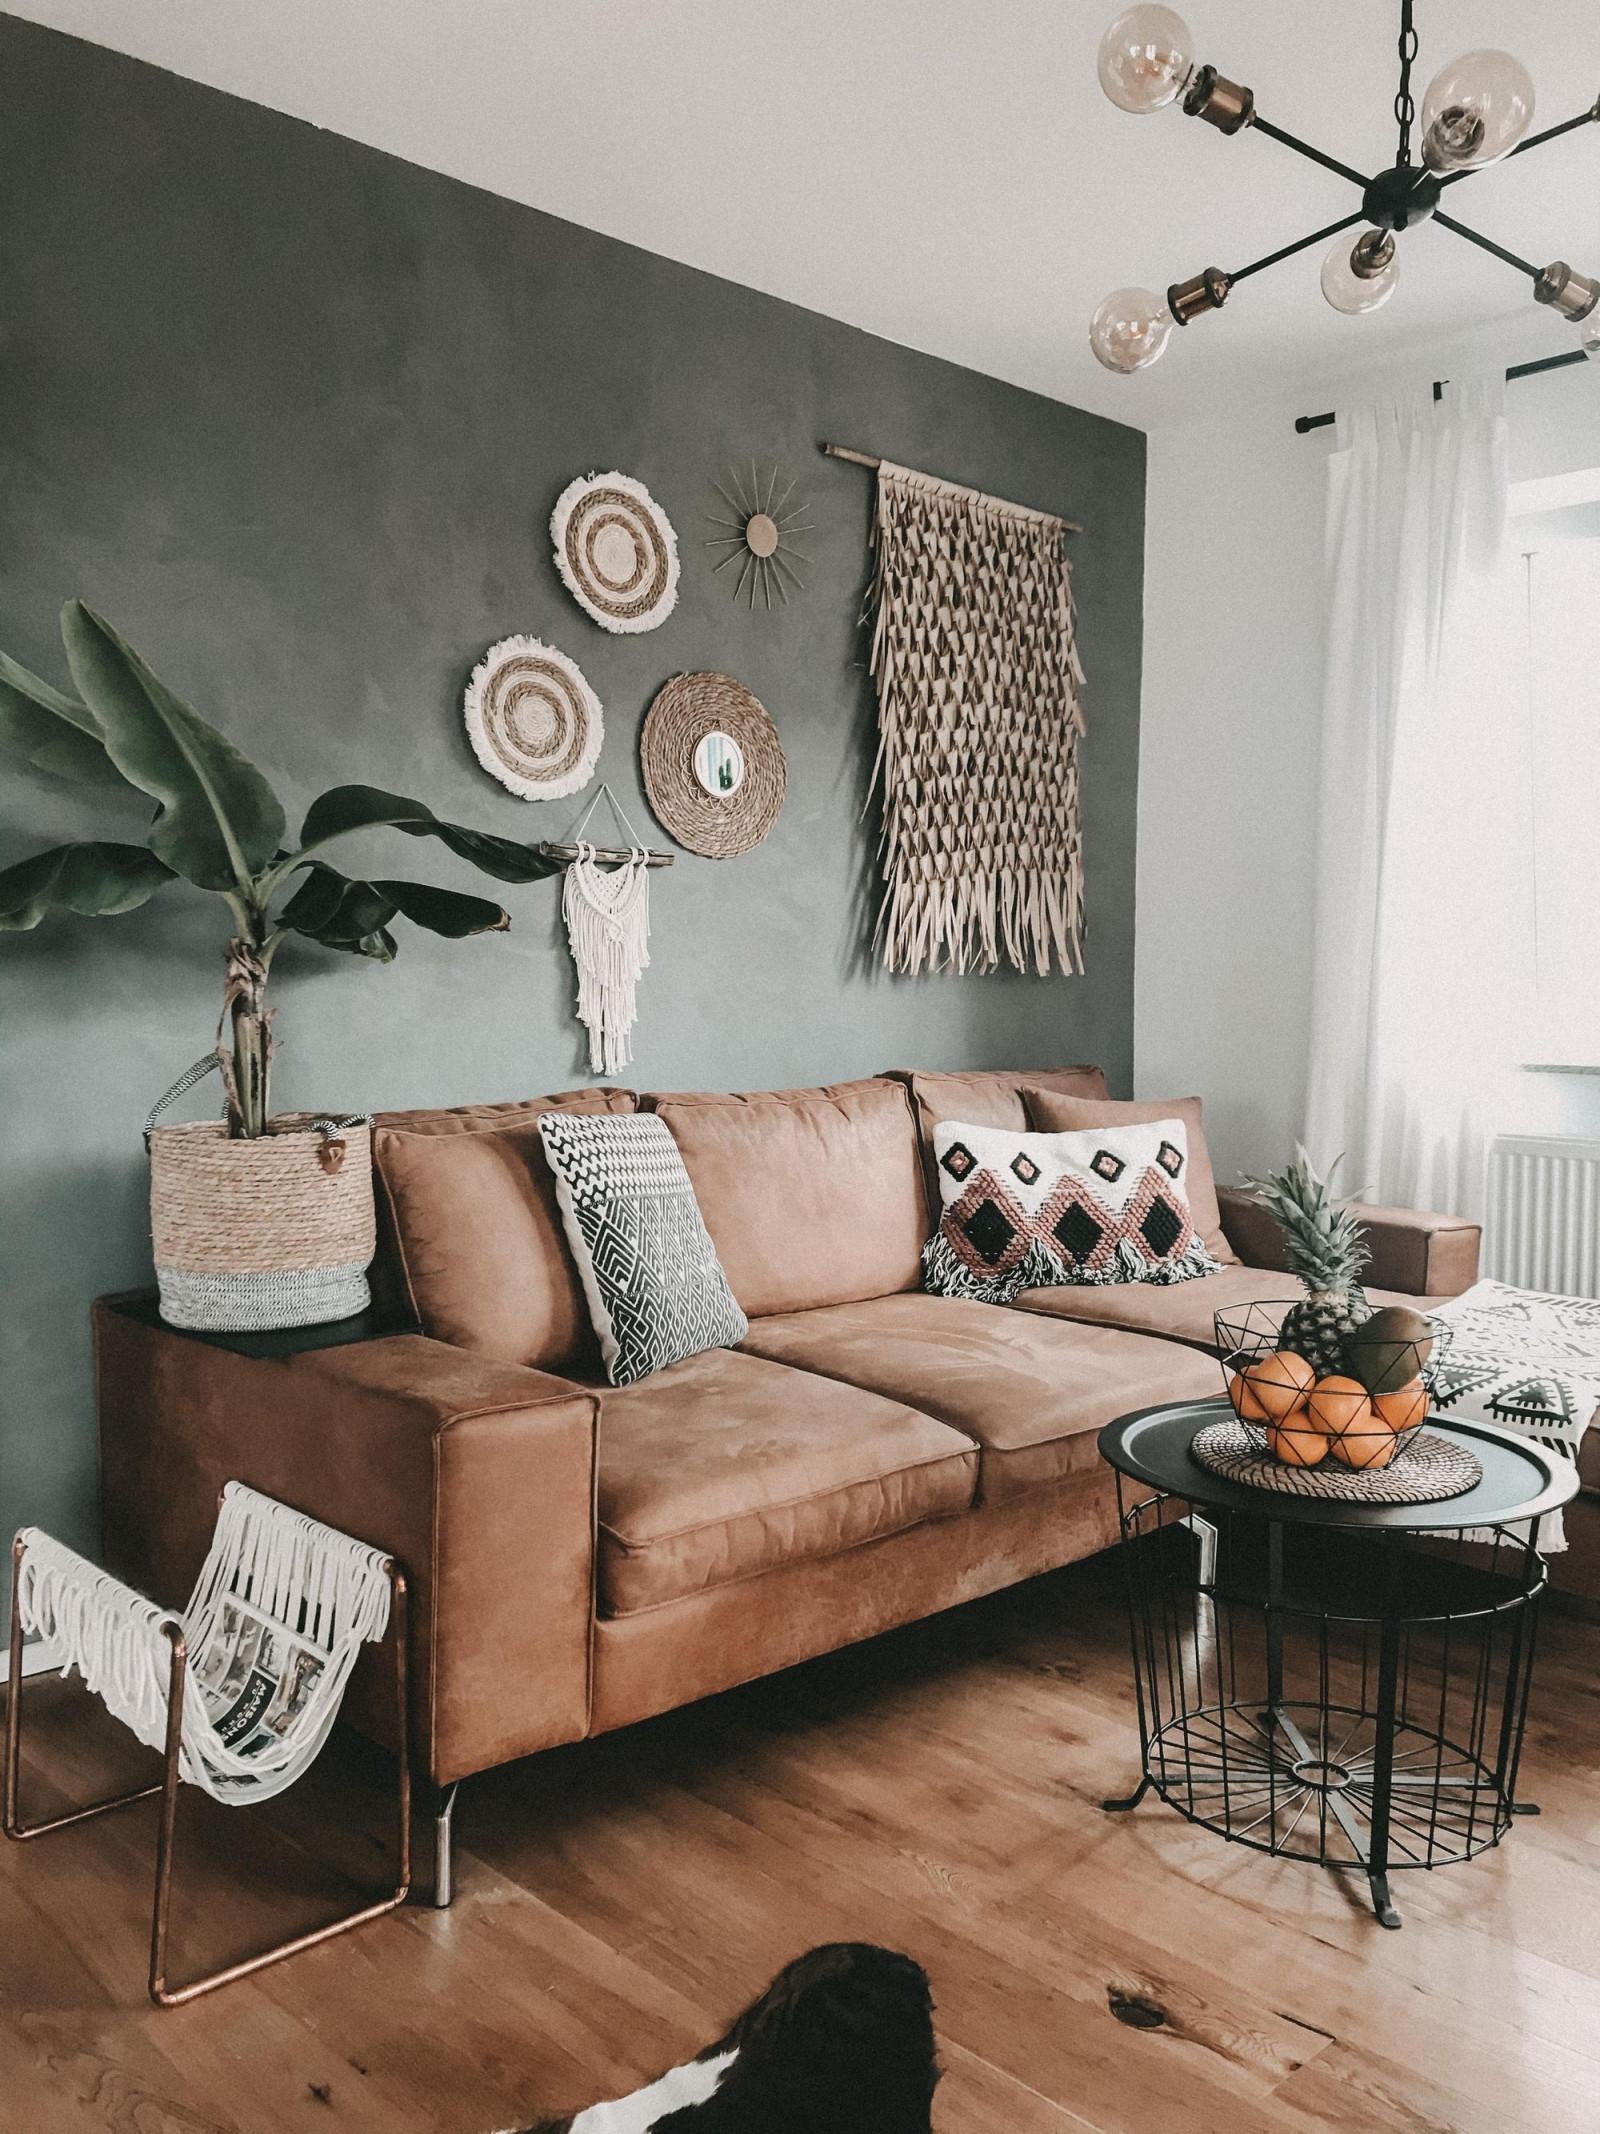 Welchen Einrichtungsstil Mögt Ihr Am Liebsten Ich B In von Wohnzimmer Schön Einrichten Photo